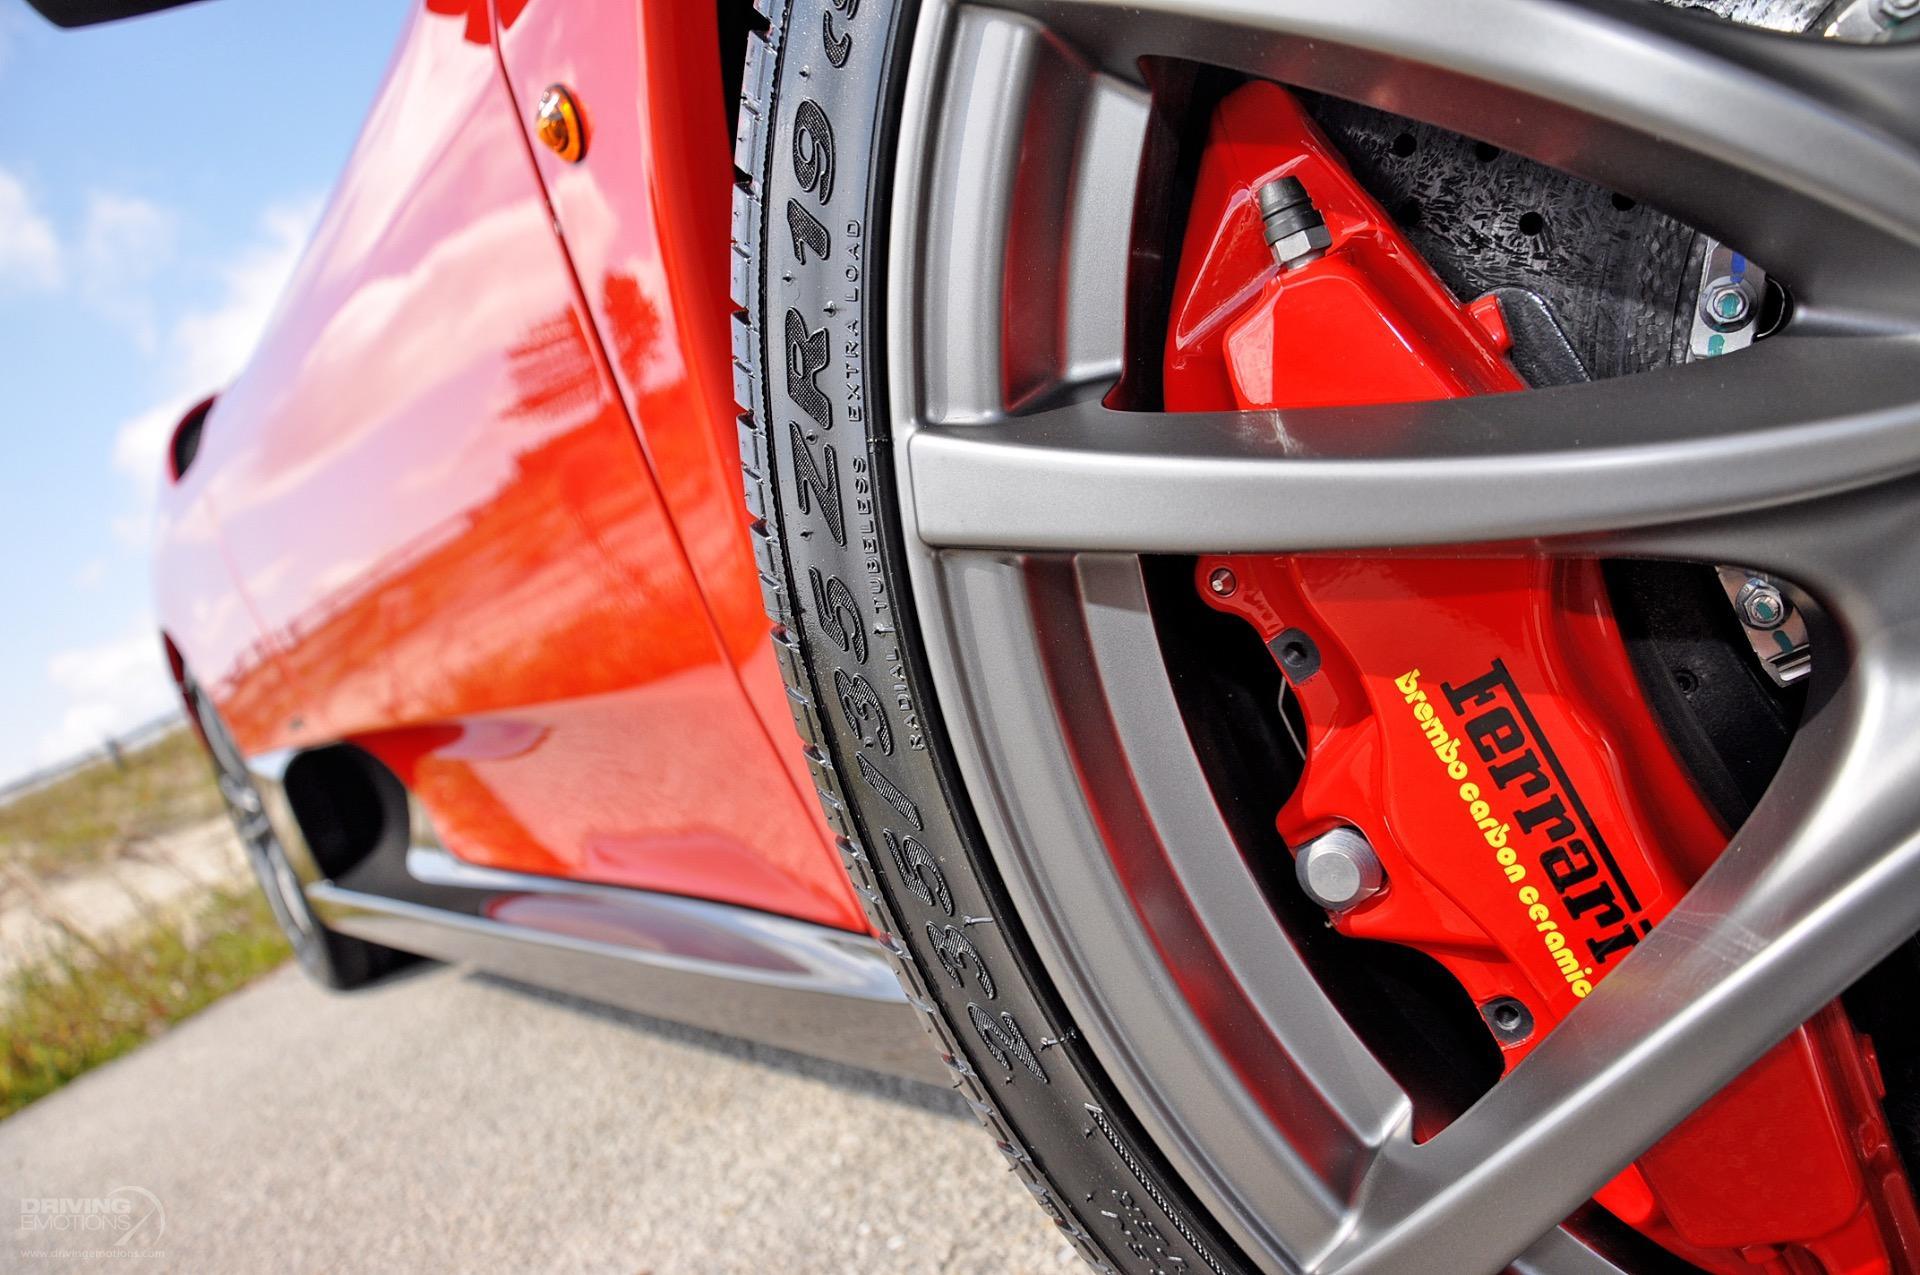 Ferrari 430 Scuderia Spider 16M laptimes, specs, performance data ...